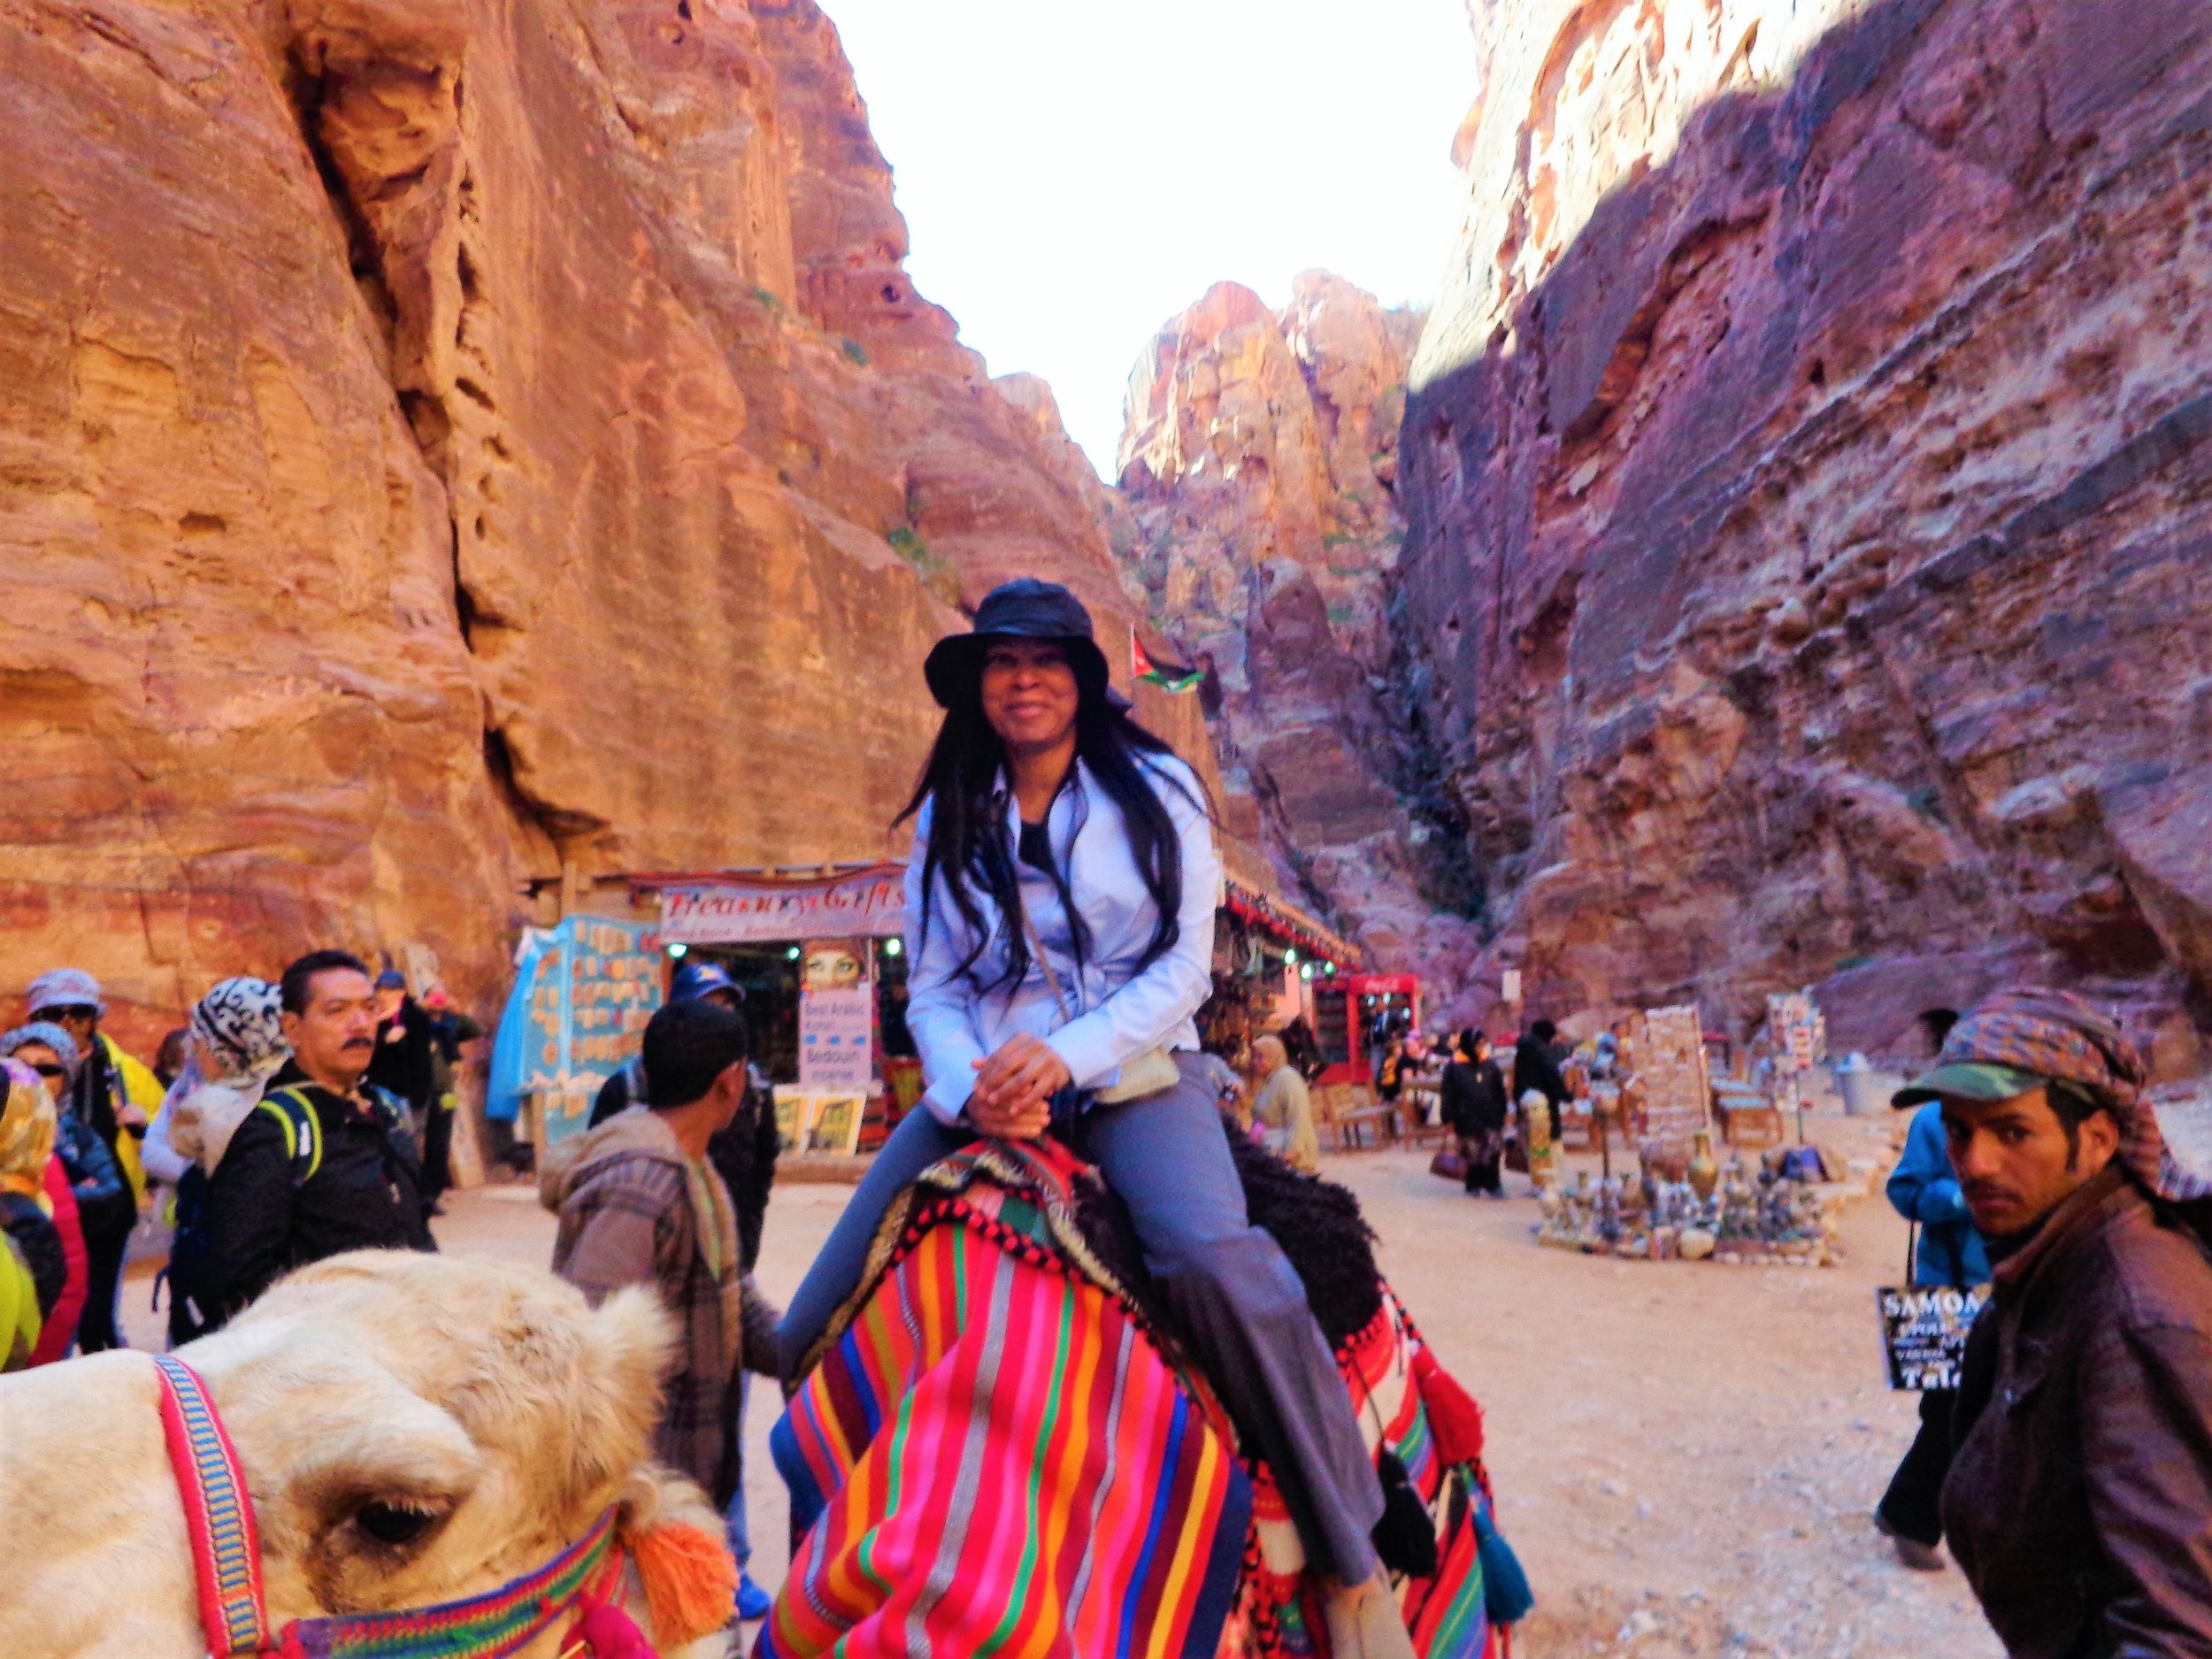 Spotts on a camel in Petra, Jordan // Image provided by Spotts